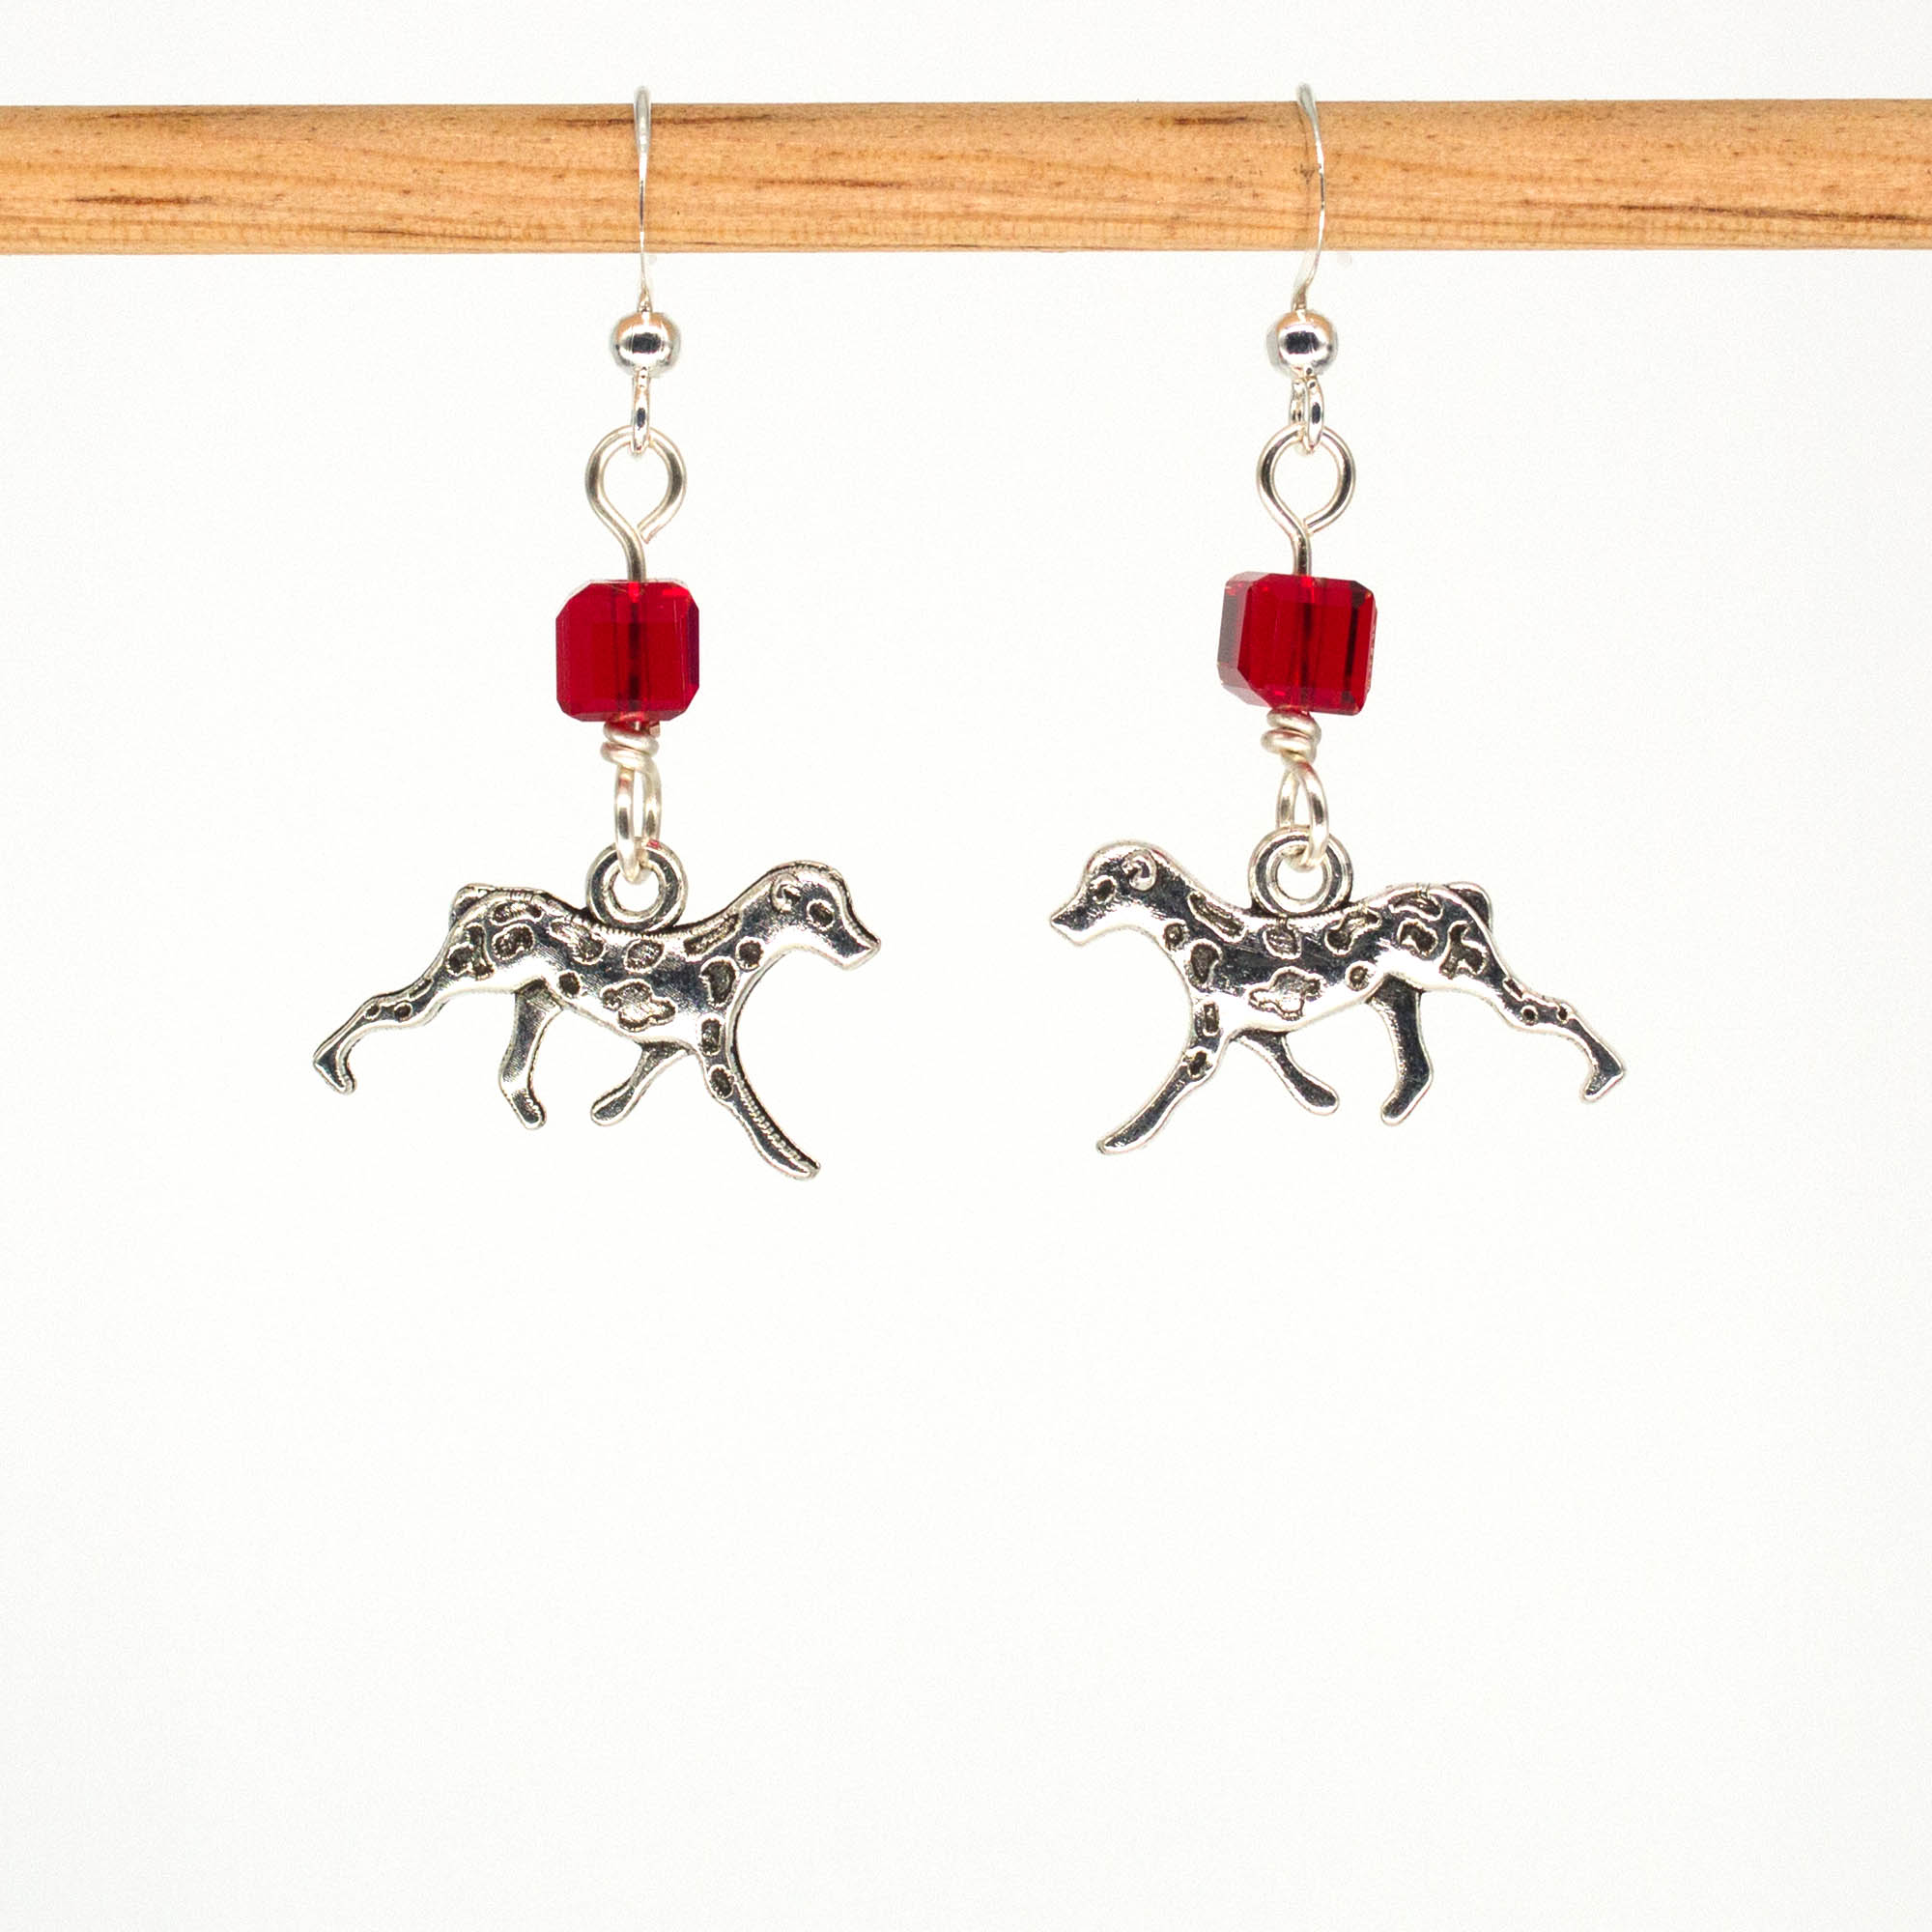 E1053 - Cubist Spotty Earrings